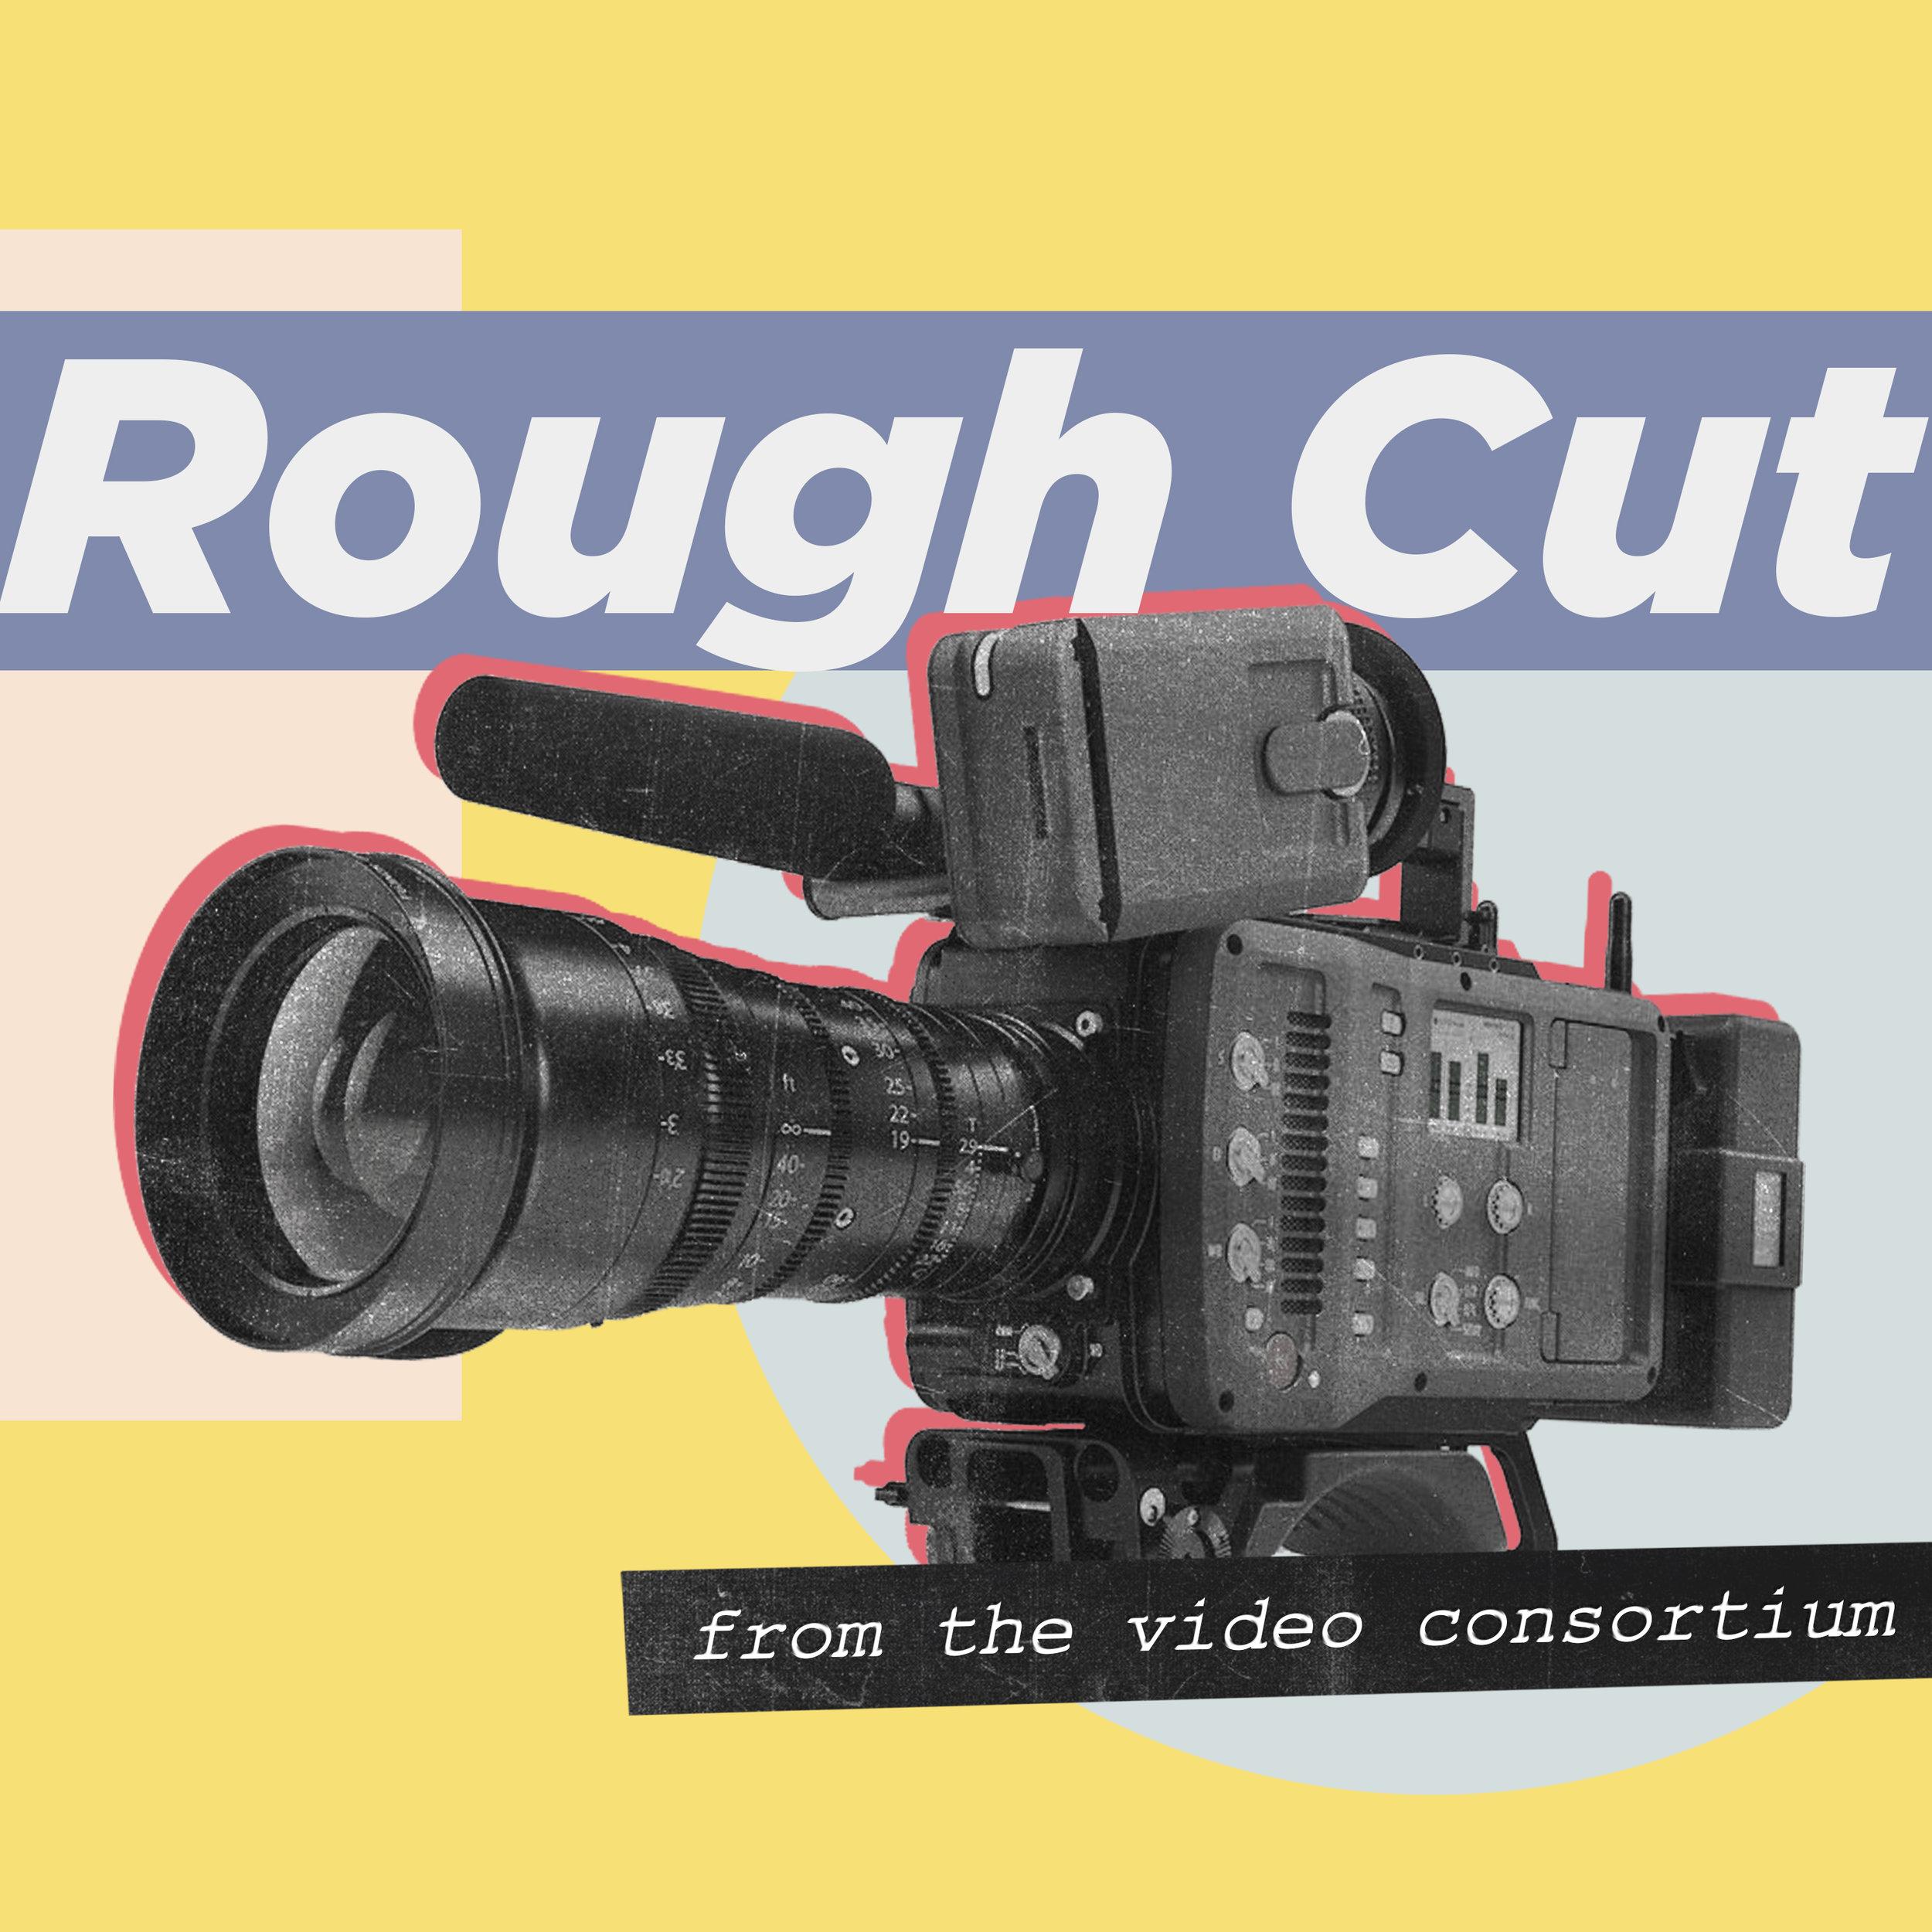 Rough-Cut_logo.jpg